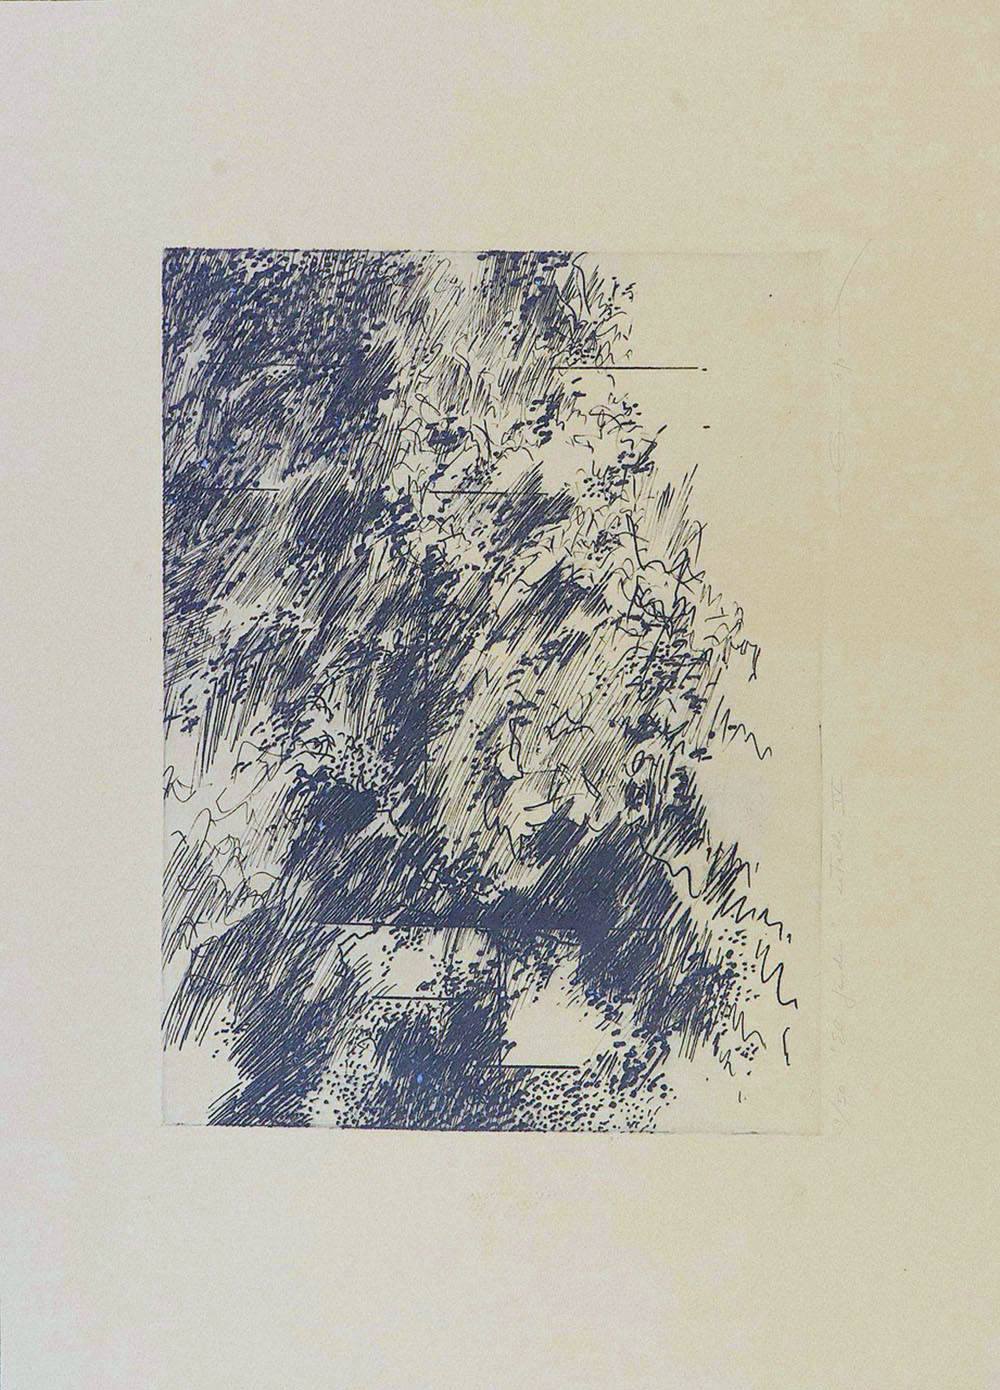 Jardín I - esto 4, 1978